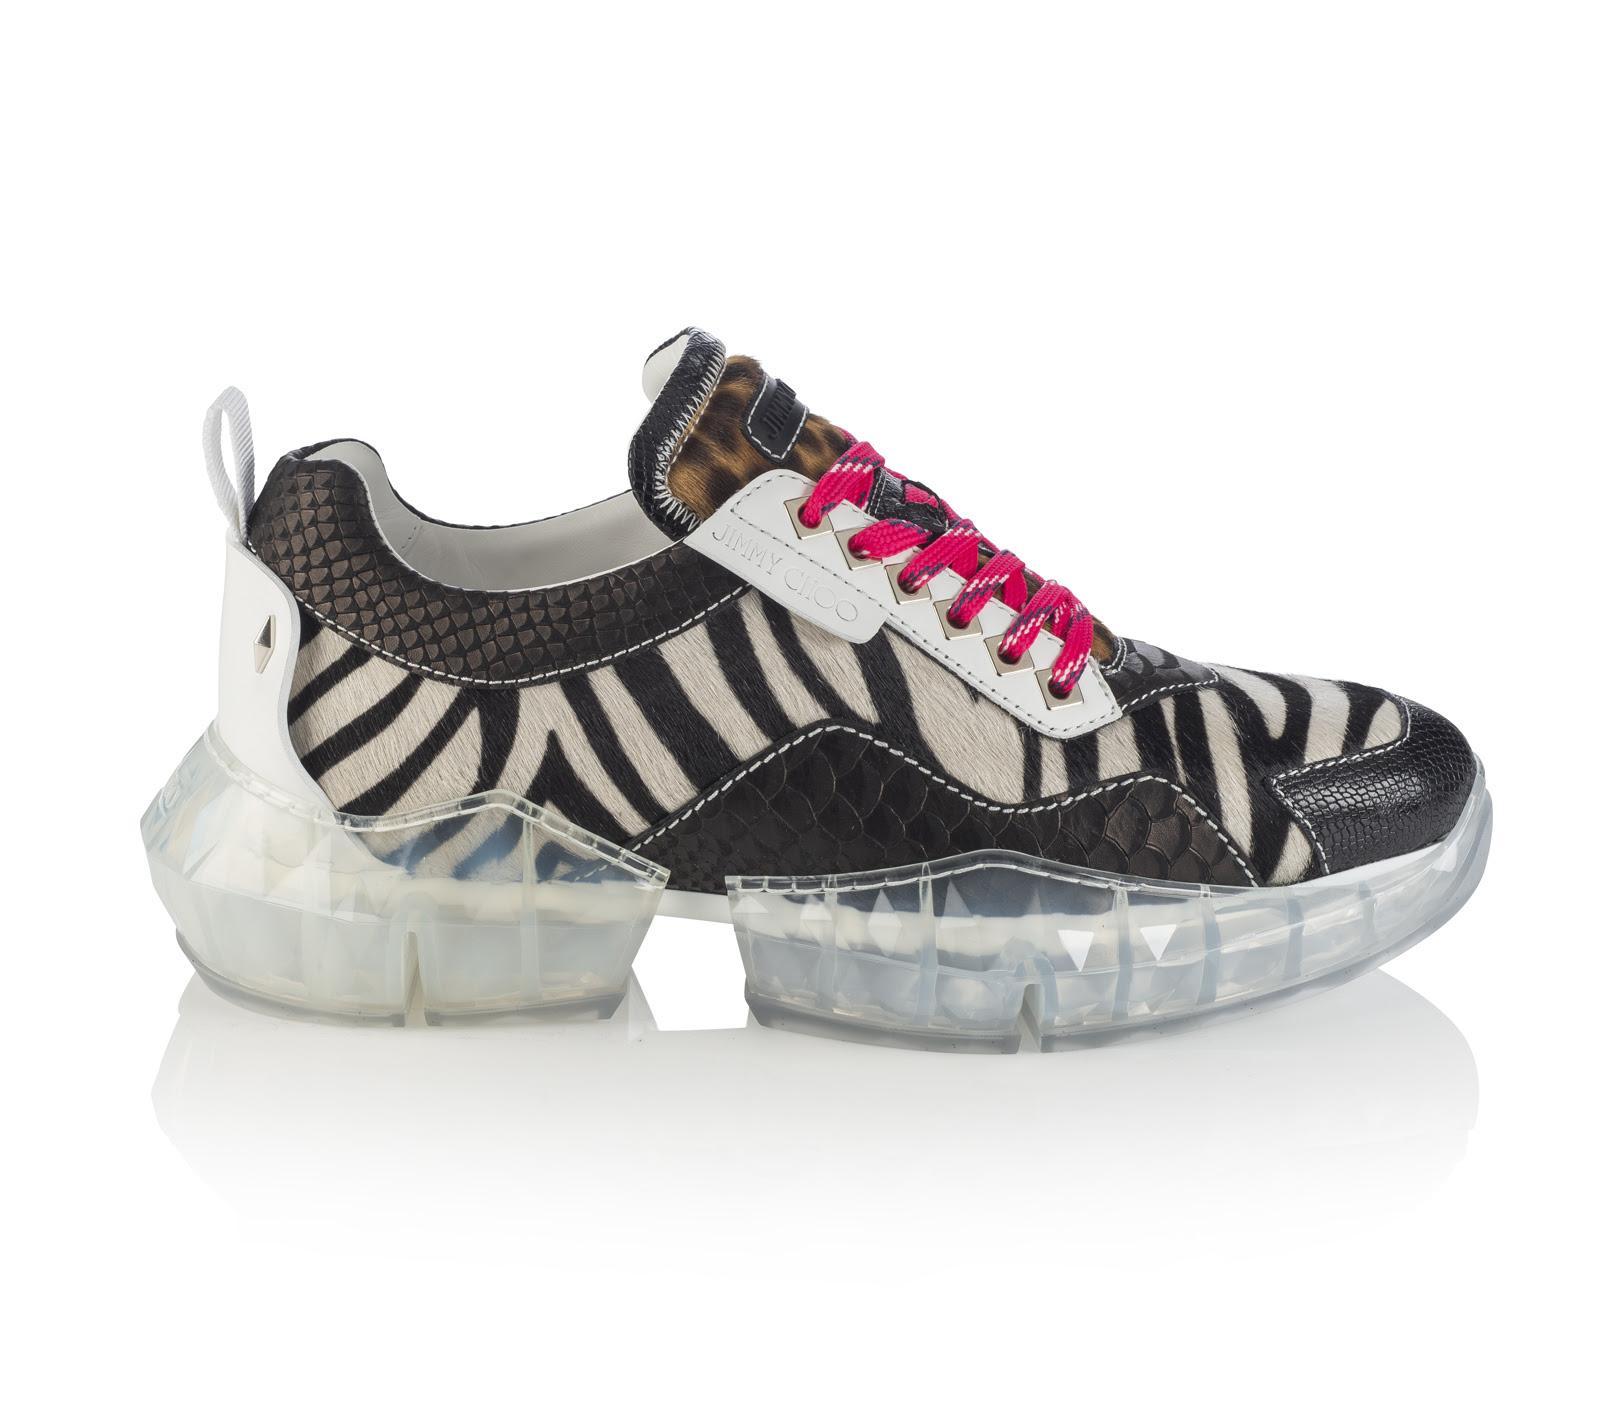 67a7264e f6c9 4a47 a867 6f501f798154 - Kaia Gerber tiene la selección de prendas y calzado perfectos para hacer deporte en casa